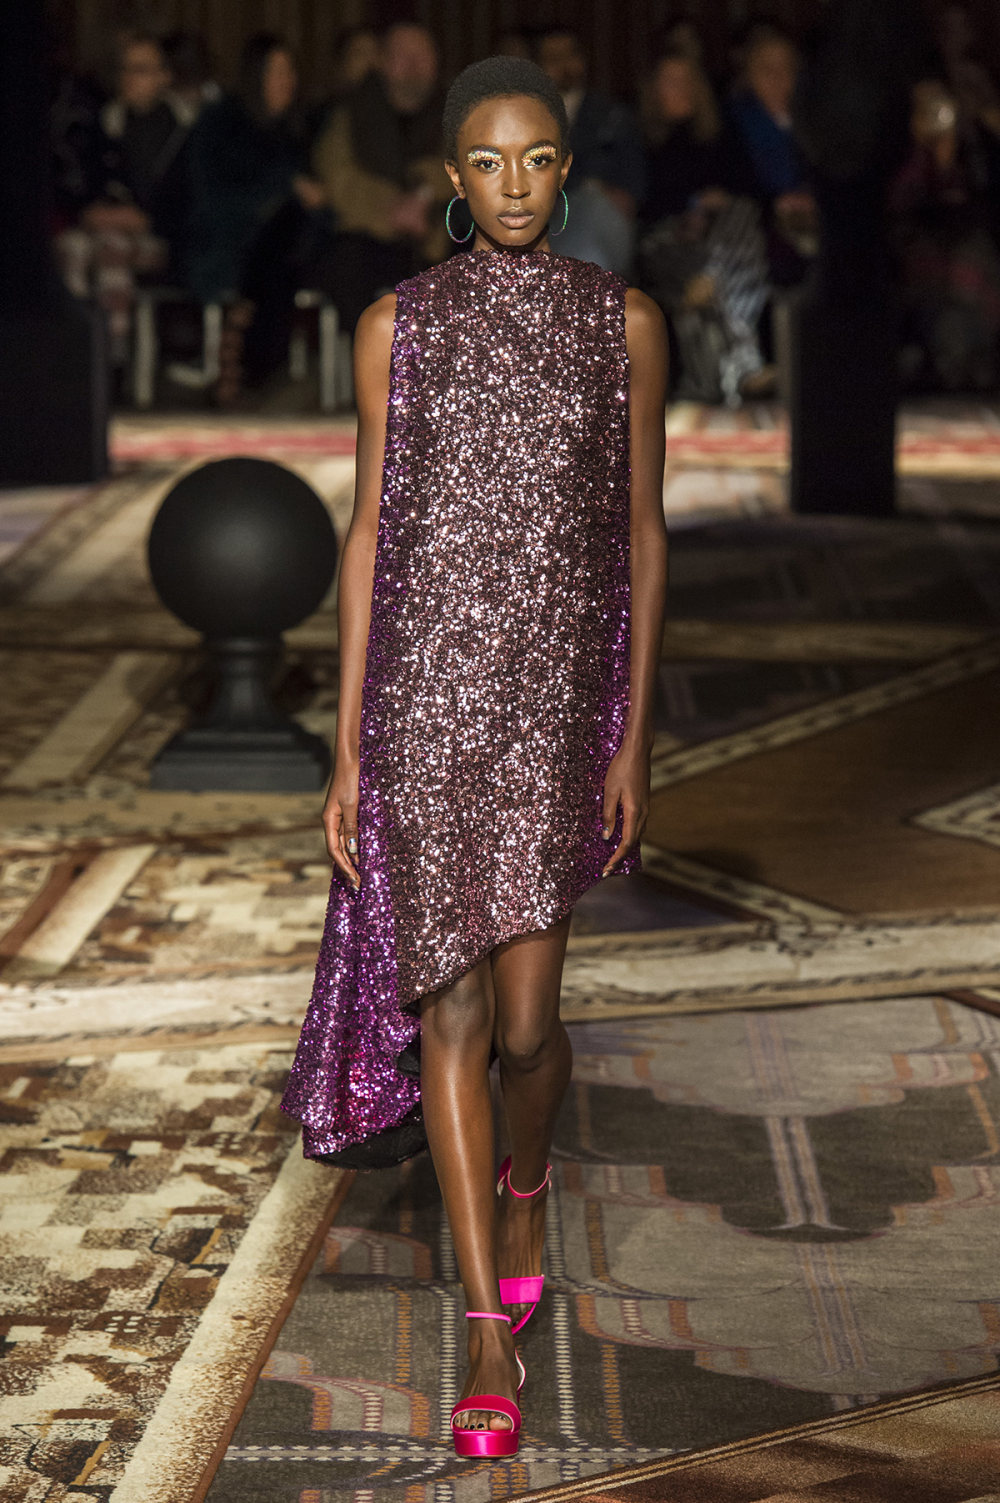 Halpern时装系列将幻想印花应用于宽大的缎面外套展示垂褶技巧-18.jpg